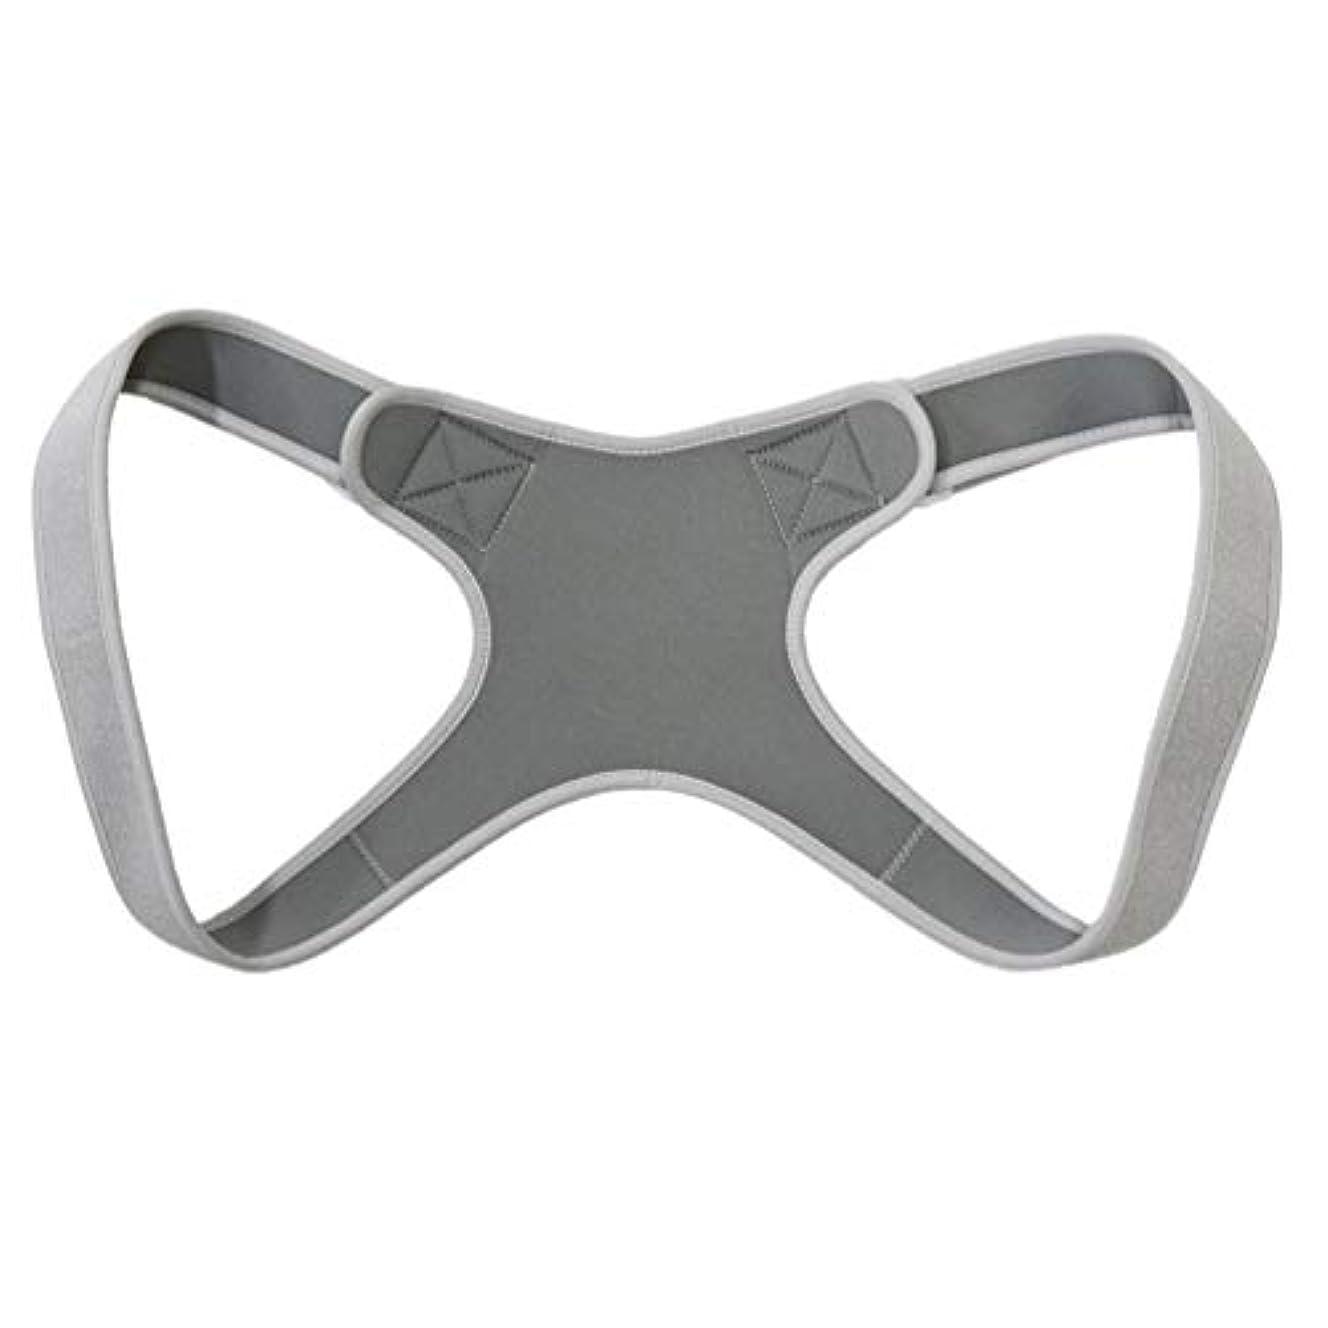 なめらかな鍔なだめる新しいアッパーバックポスチャーコレクター姿勢鎖骨サポートコレクターバックストレートショルダーブレースストラップコレクター - グレー